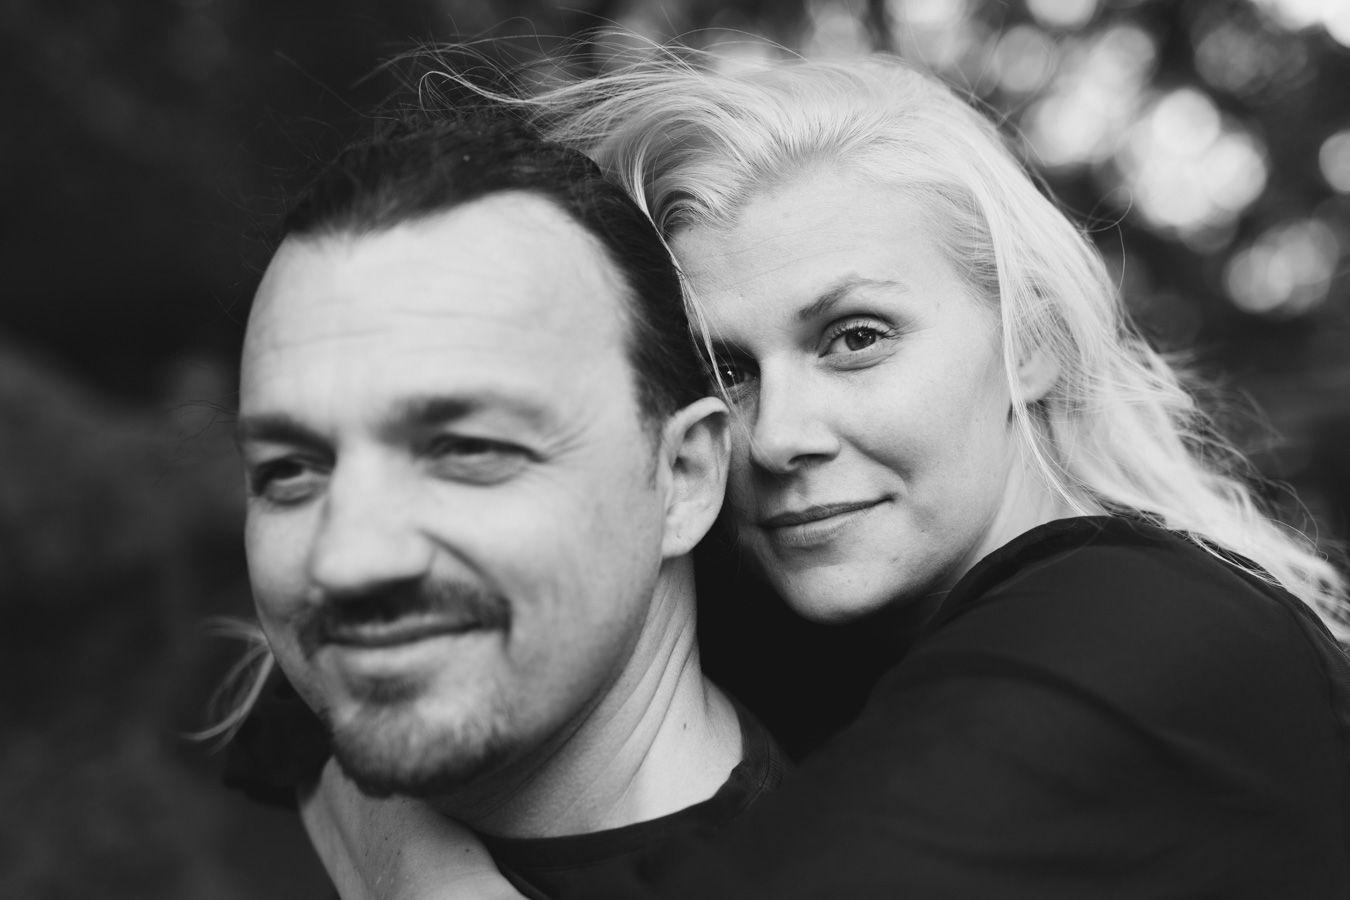 Fantastisk pre-shoot med fantastiskt par i #botaniska i #göteborg. Bröllop i slutet av maj. Can't wait. #bröllopsfotografering #bröllopsfotograf